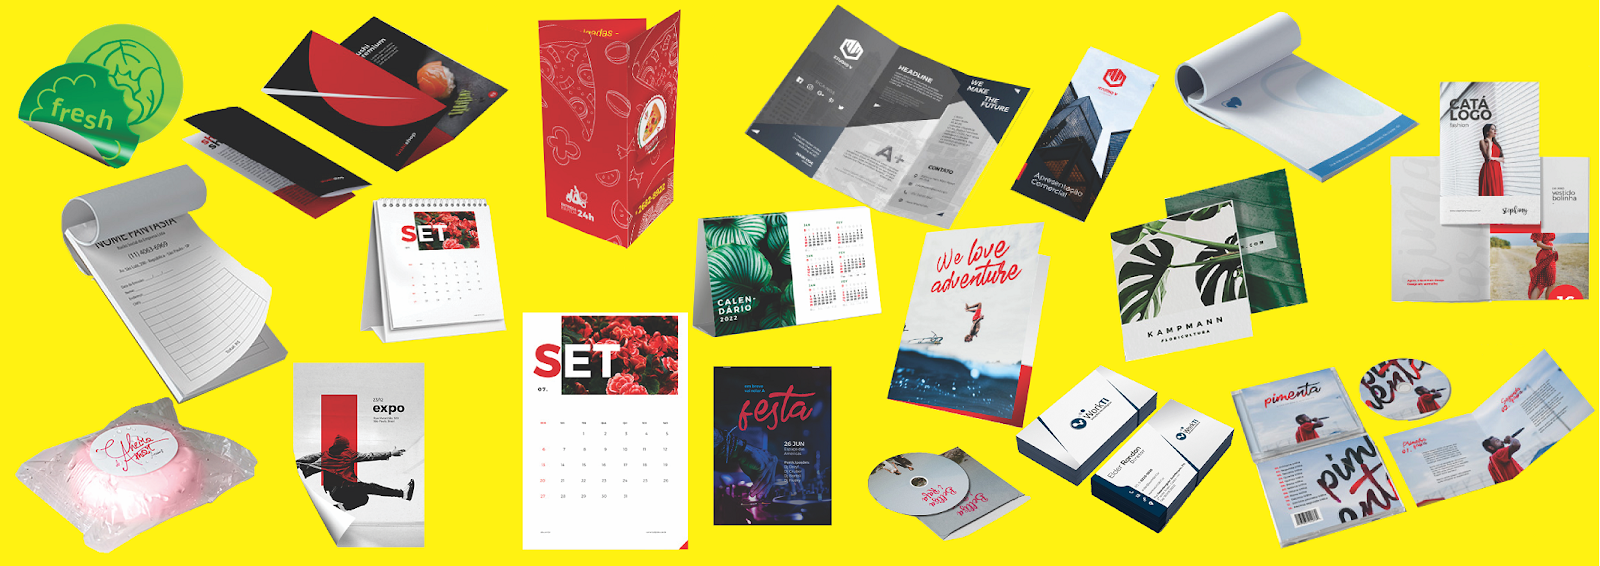 A Melhor loja é a Grafica Cyber, o sua loja online de Cartões de Visita, Panfletos, Banner, Talão de Pedido, Blocos, Etc. Aproveite nossas promoções, compre pelo nosso site, Grafica Cyber a loja online de Cotia SP